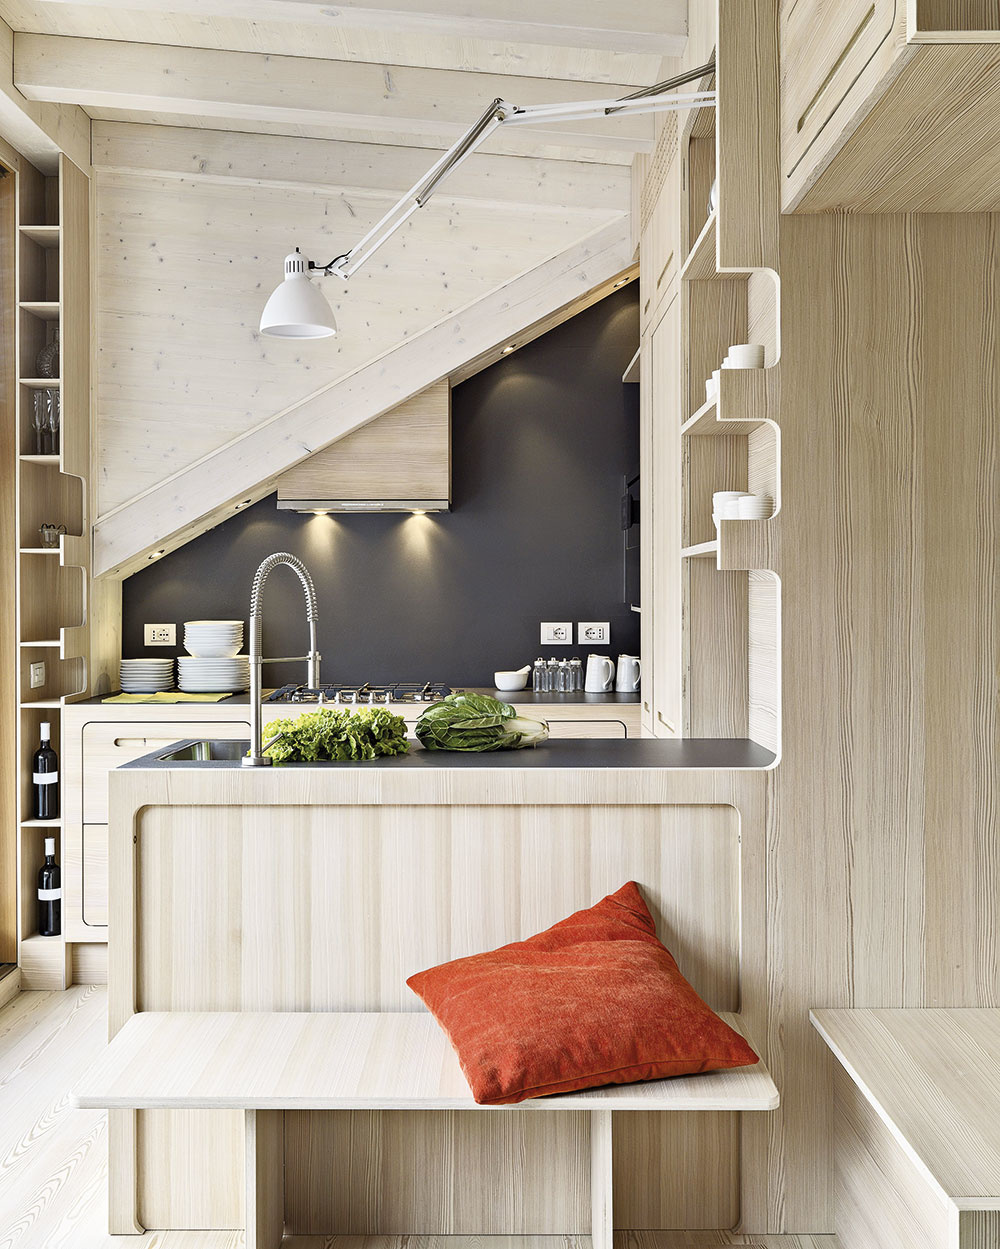 Kuchynský ostrov dômyselne oddelí kuchyňu od zvyšného priestoru. Z opačnej strany umiestnite lavičku, bude tým najobľúbenejším miestom.